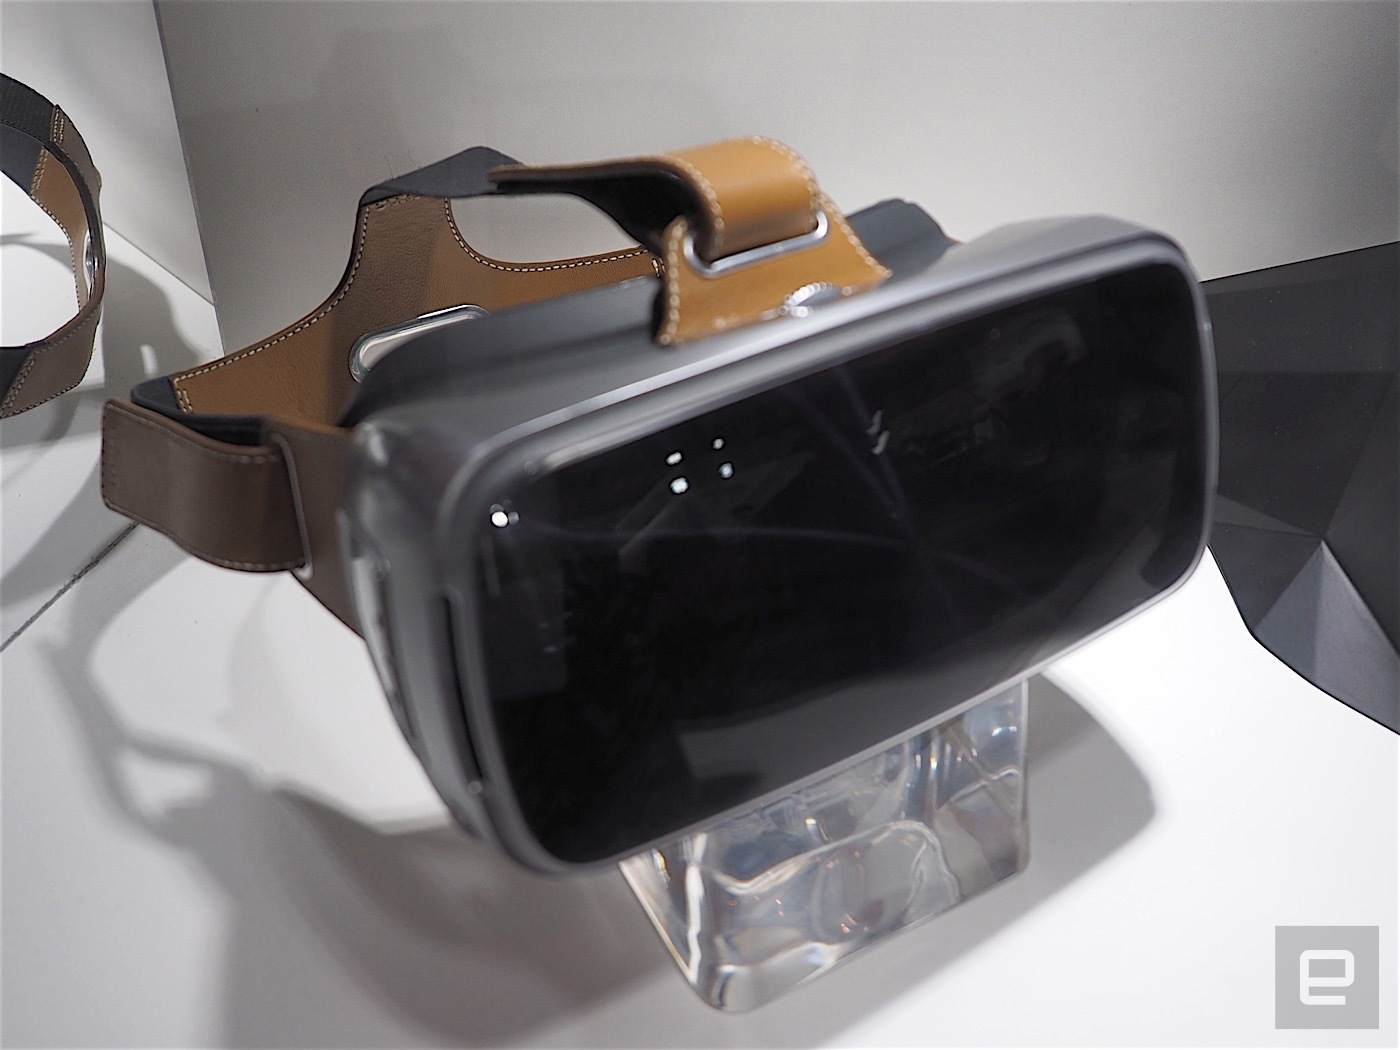 Asus VR HeadSet: Fantastik Asus Sanal Gerçeklik Gözlüğü